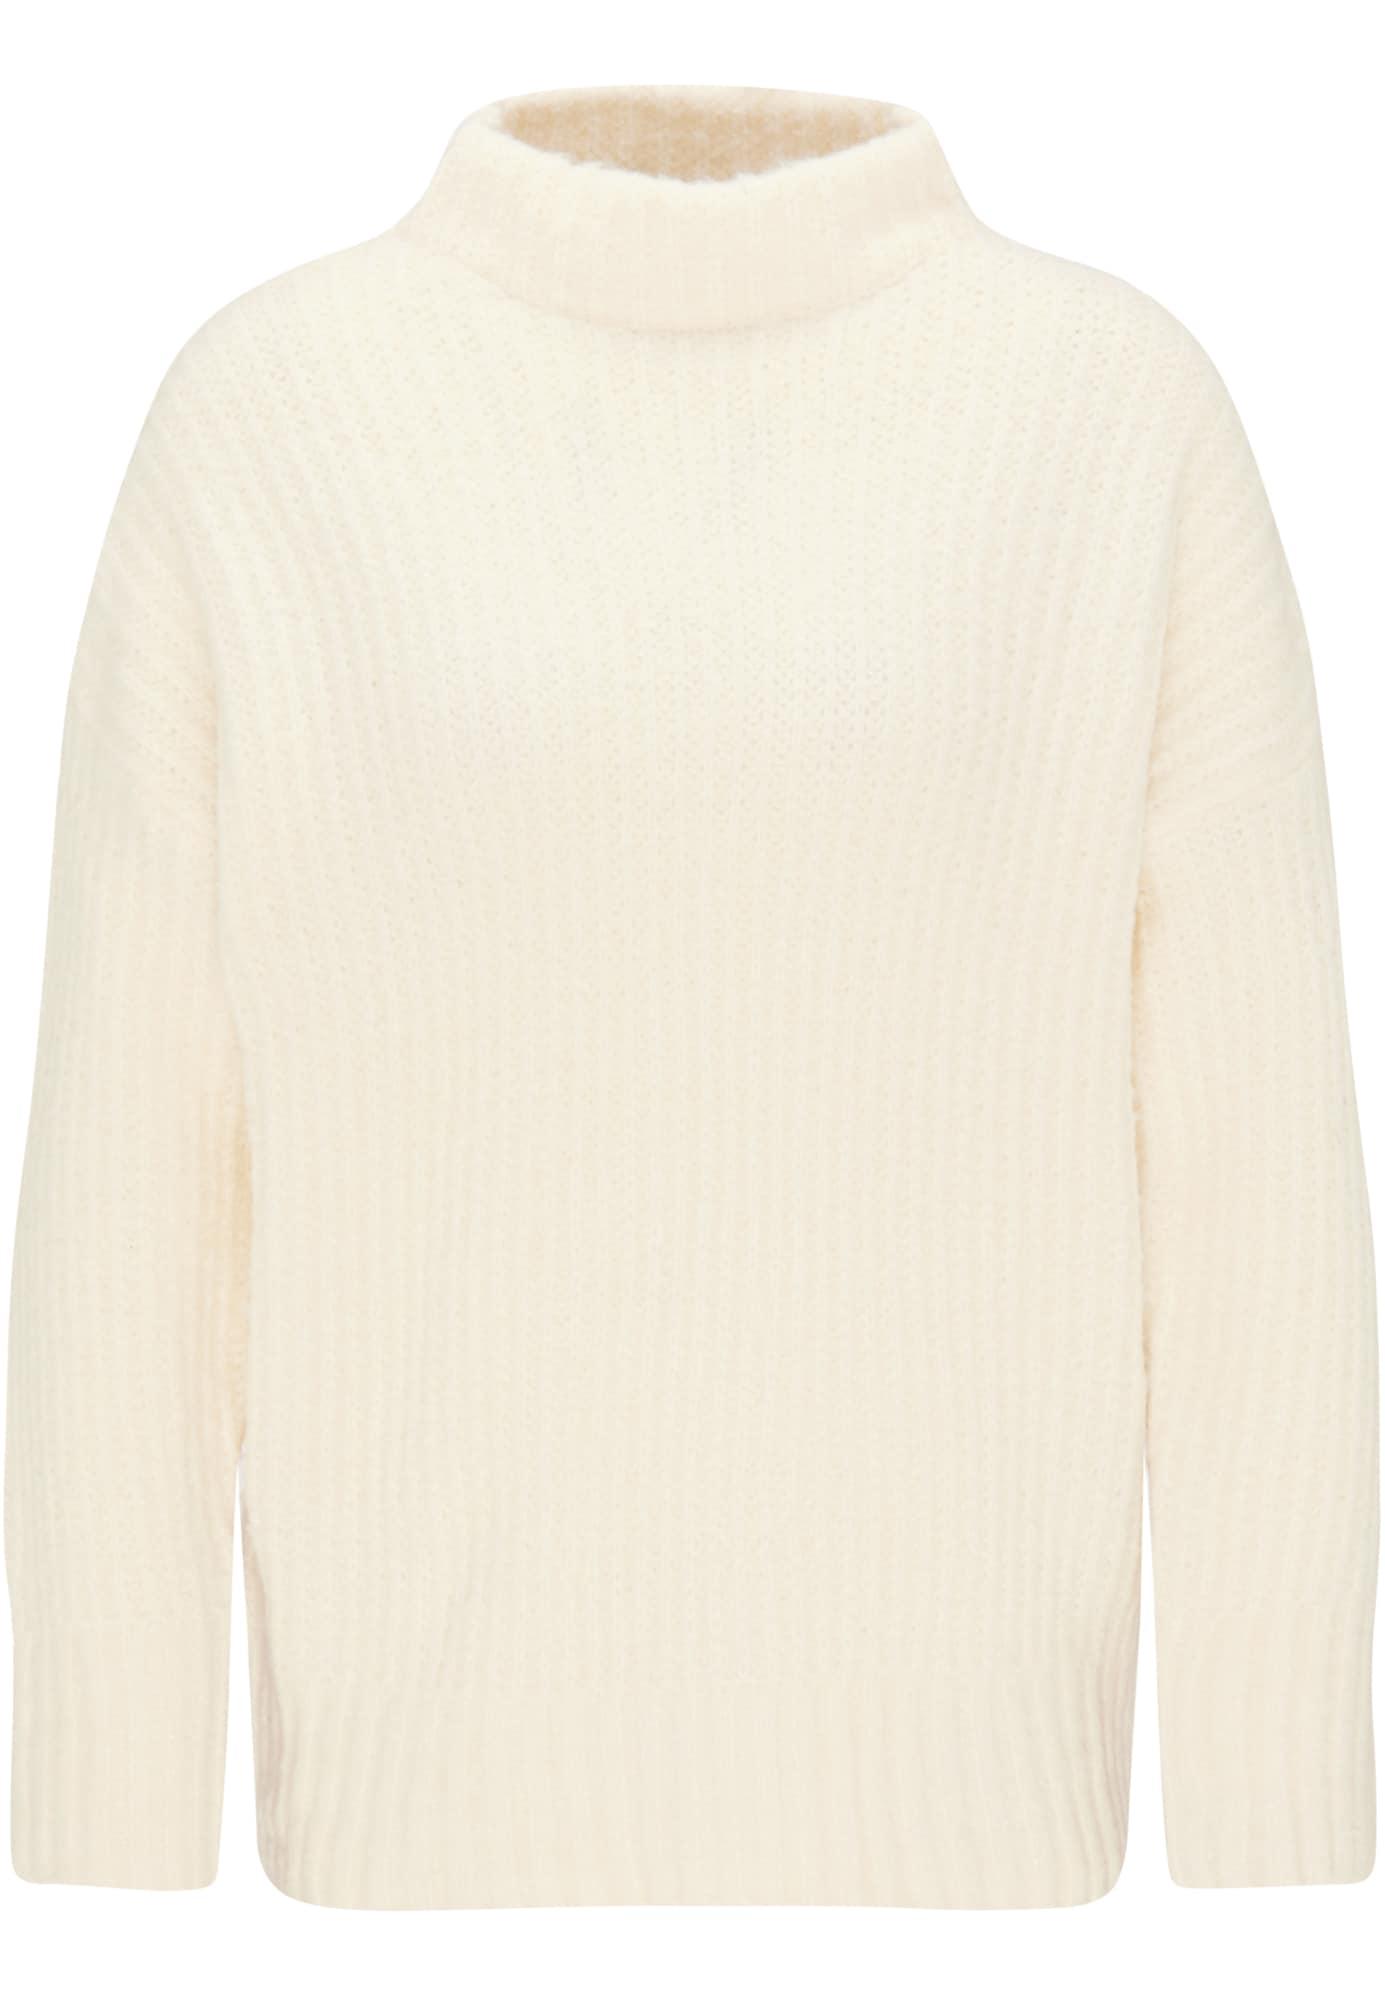 Pullover | Bekleidung > Pullover > Sonstige Pullover | Weiß | MYMO